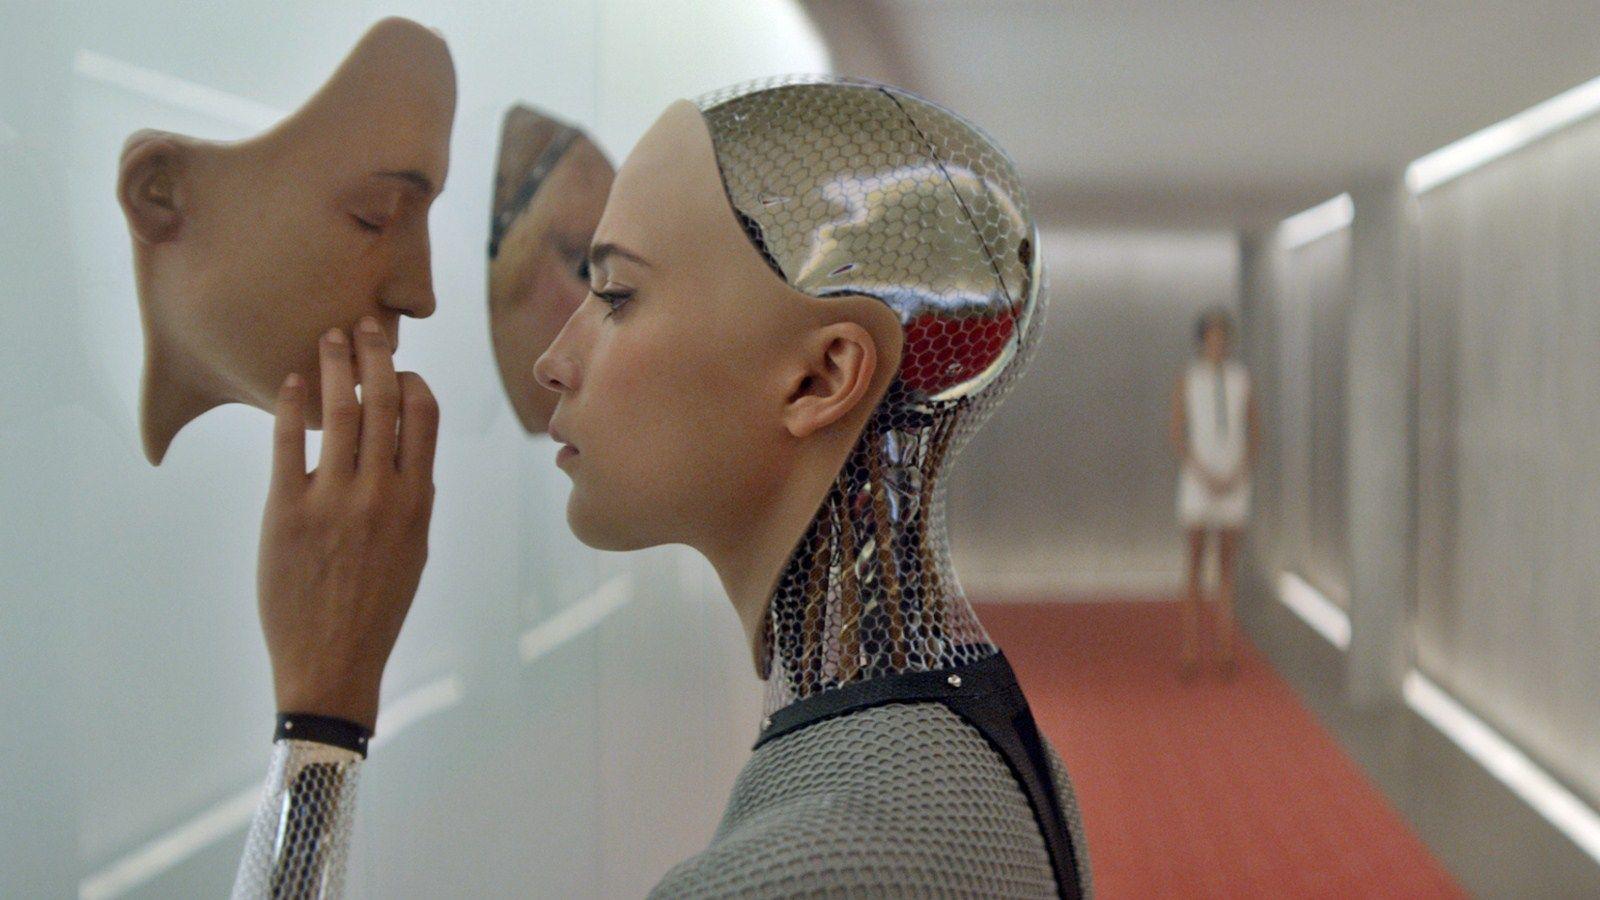 L'homme qui avait prédit l'arrivée des smartphones a été interrogé sur le futur de l'humanité avec les robots...